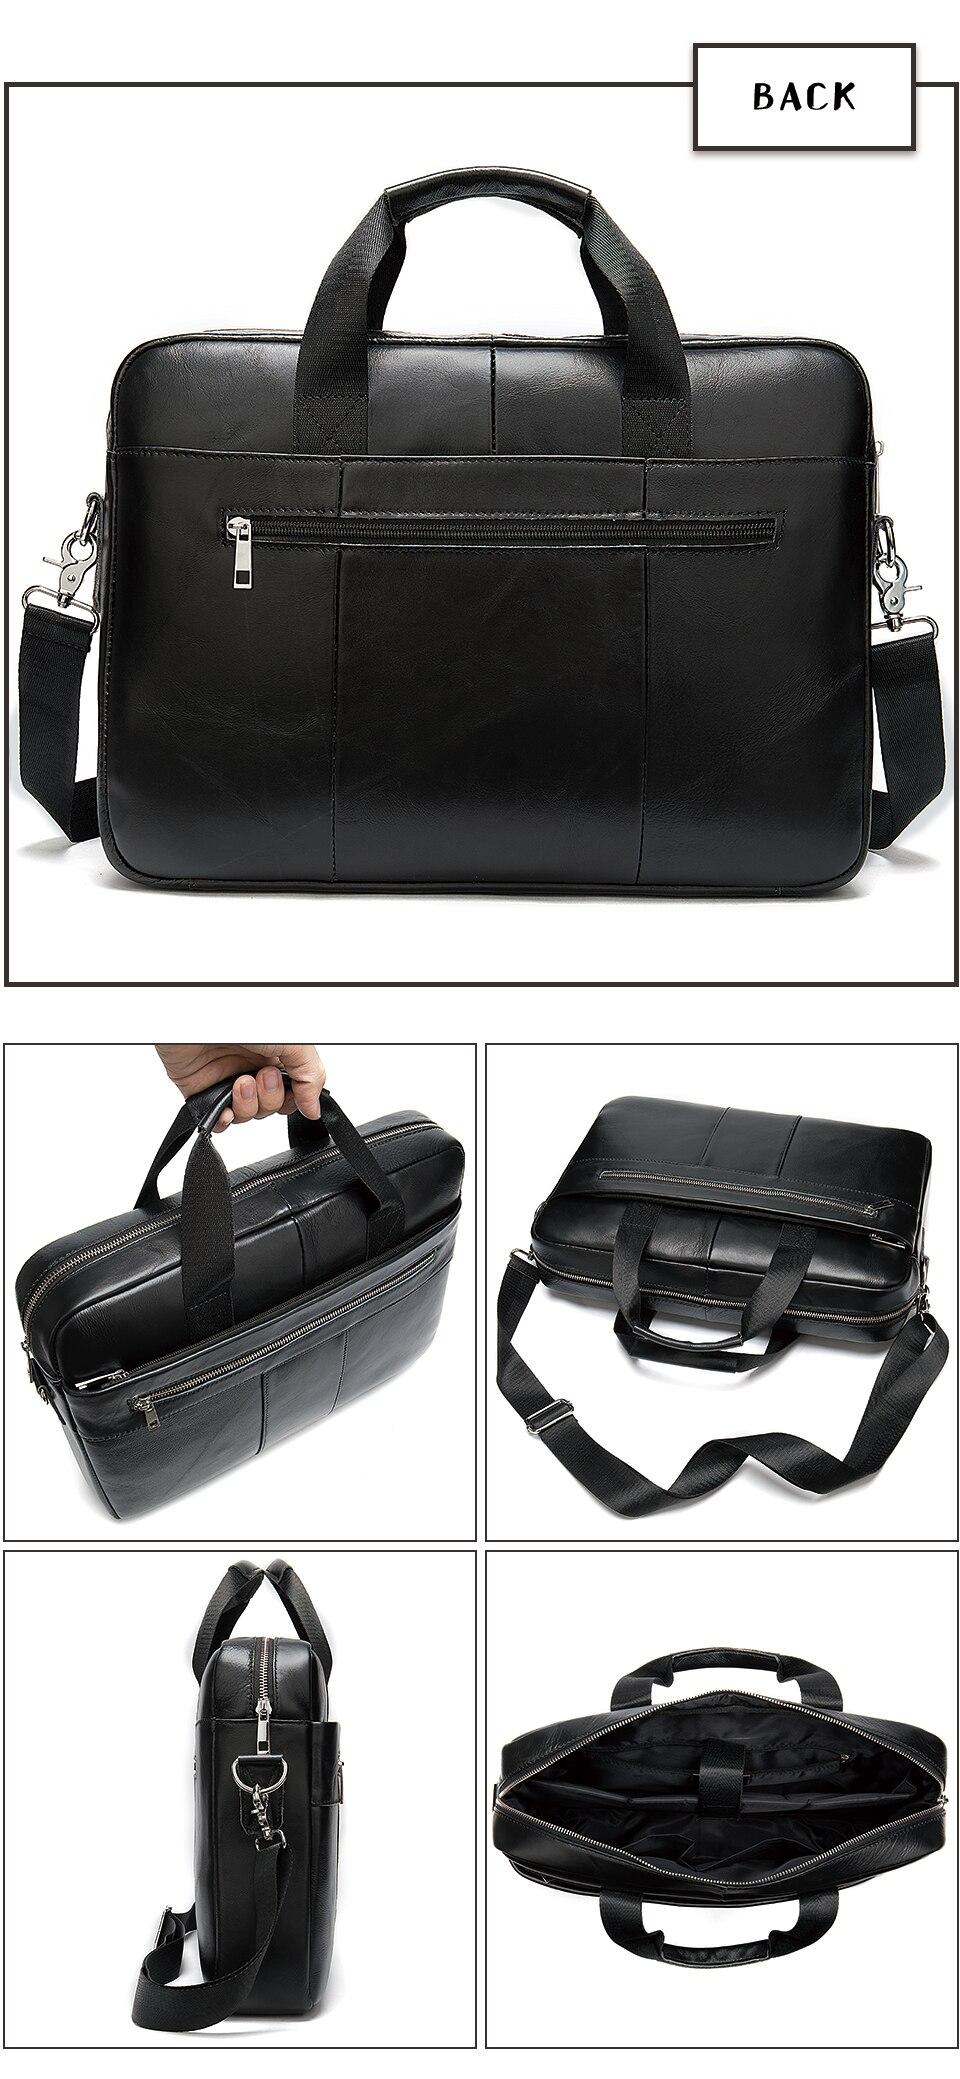 H9f9abdcec1ec4dce9d53fd7014879dea5 WESTAL Men's Briefcase Men's Bag Genuine Leather Laptop Bag Leather Computer/Office Bags for Men Document Briefcases Totes Bags